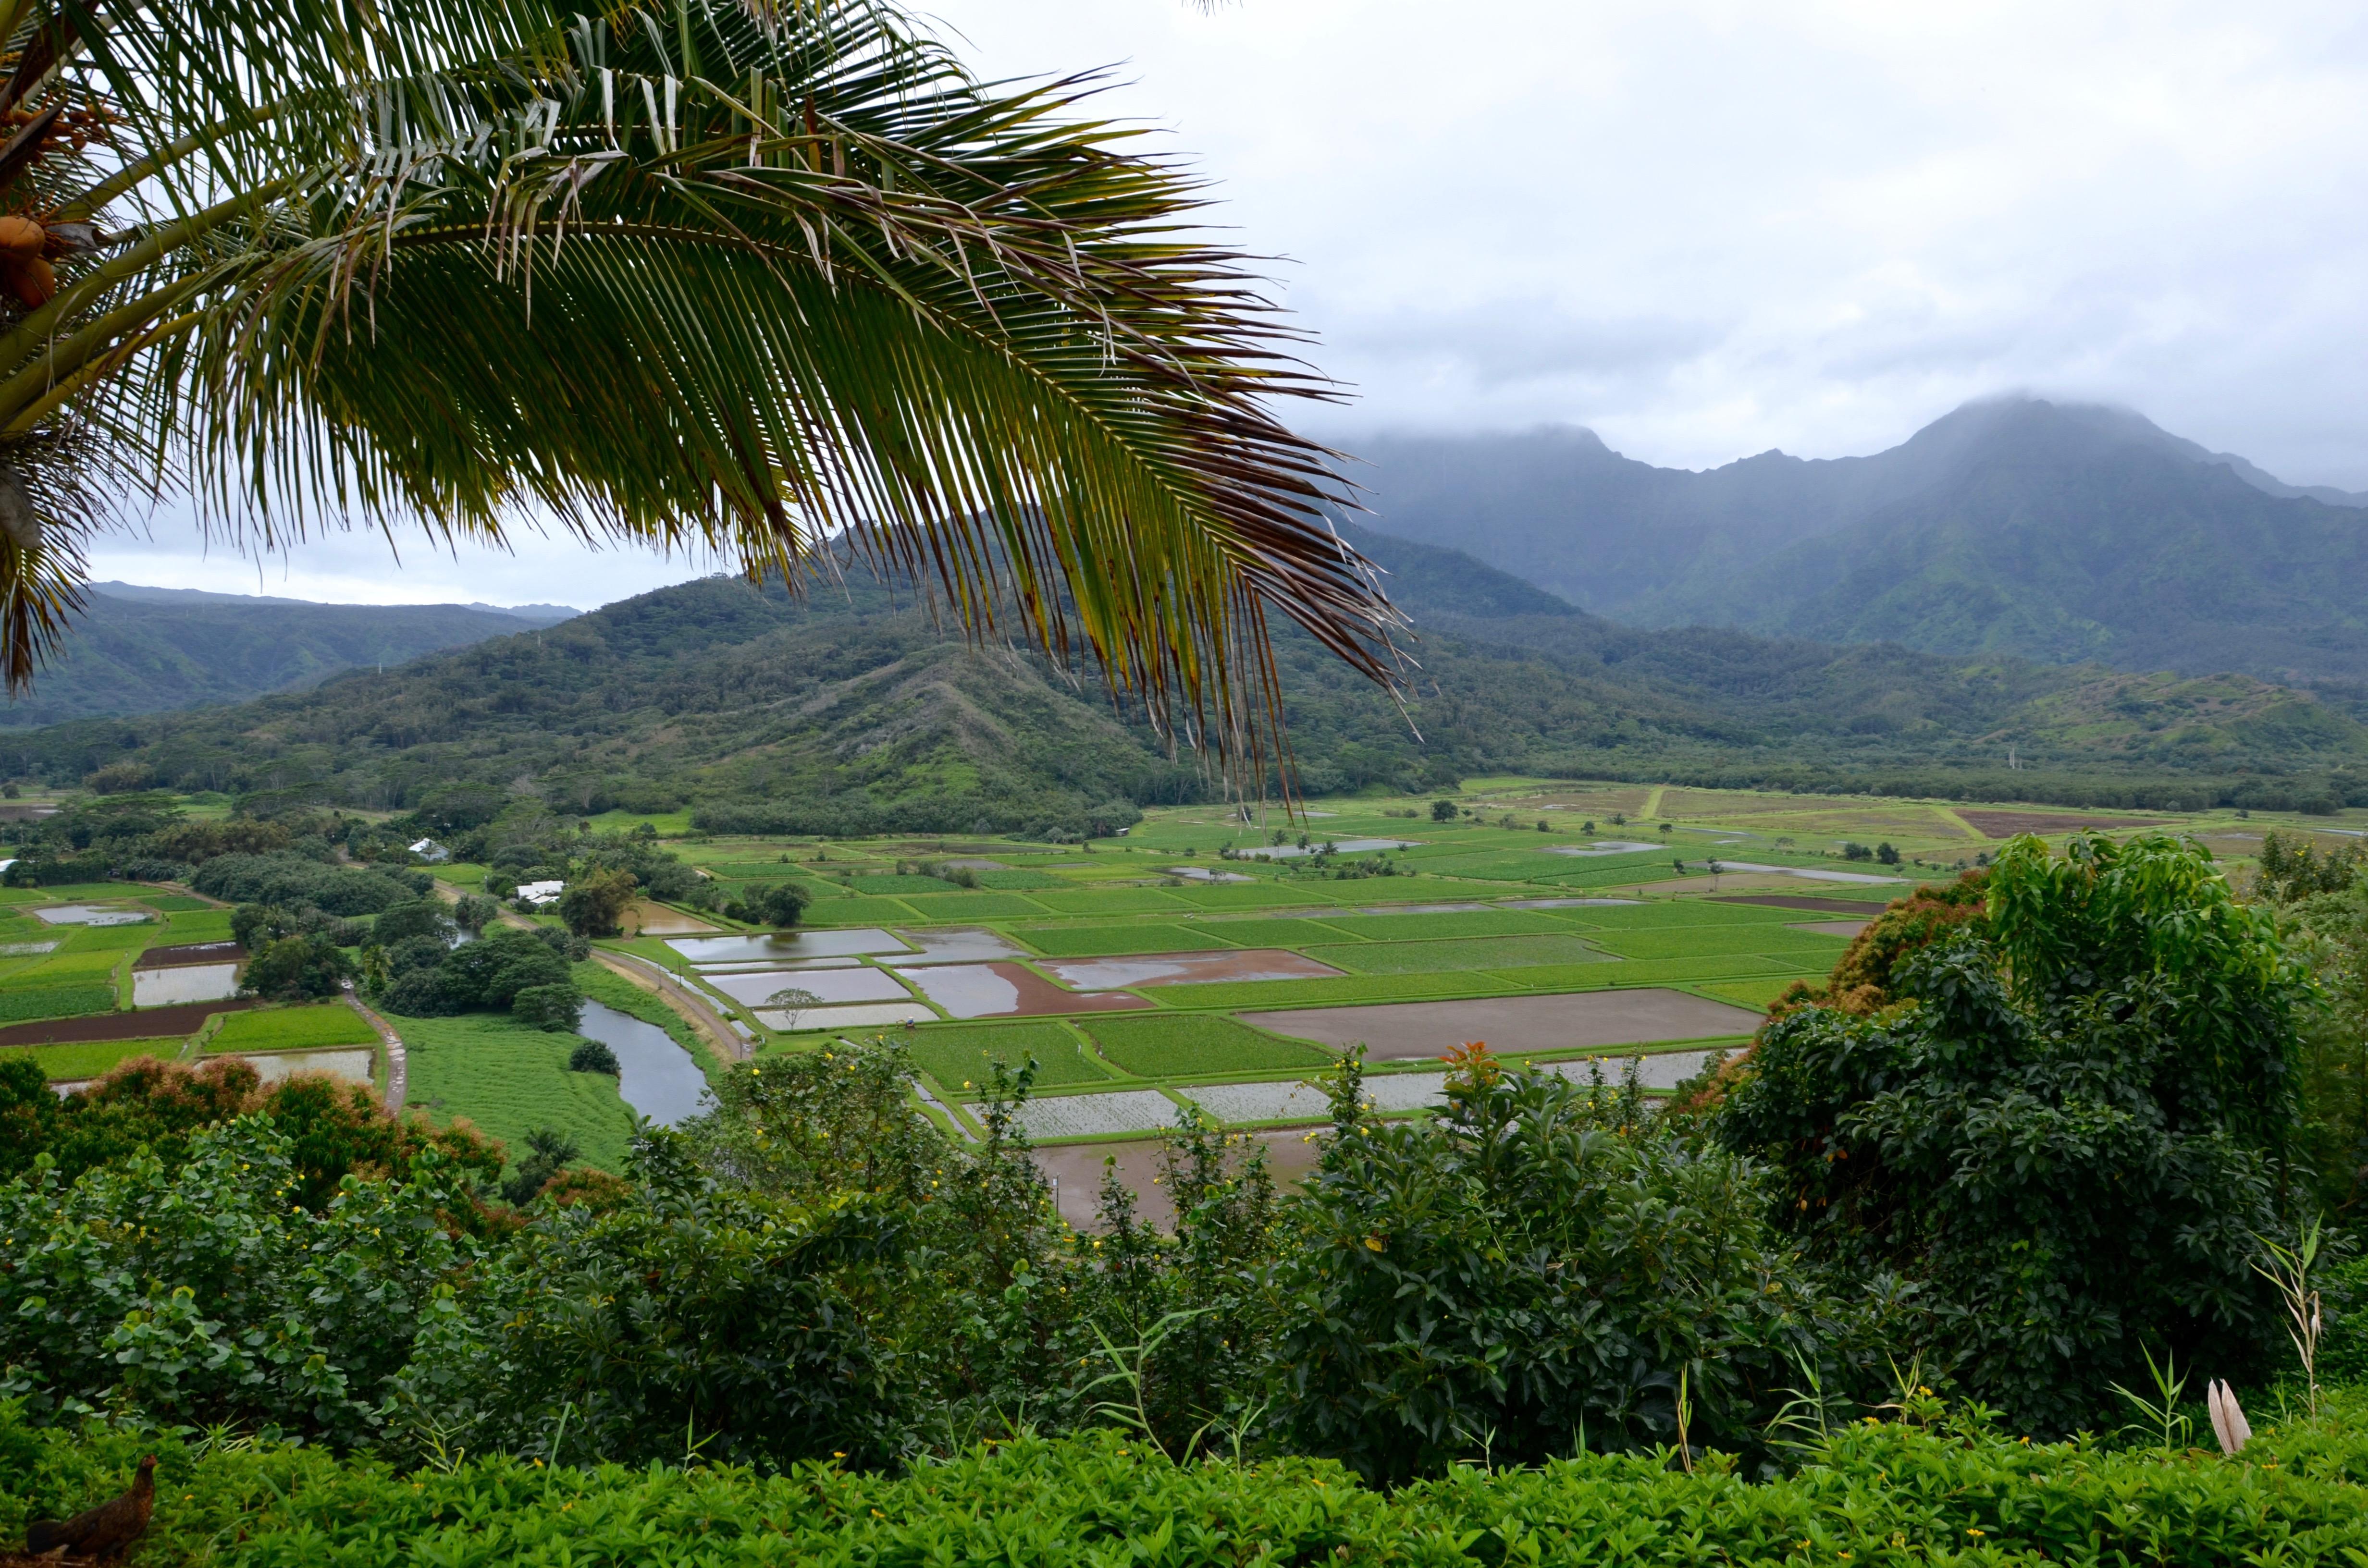 údolia Hanalei, ktoré je známe úhľadnými pravidelnými políčkami